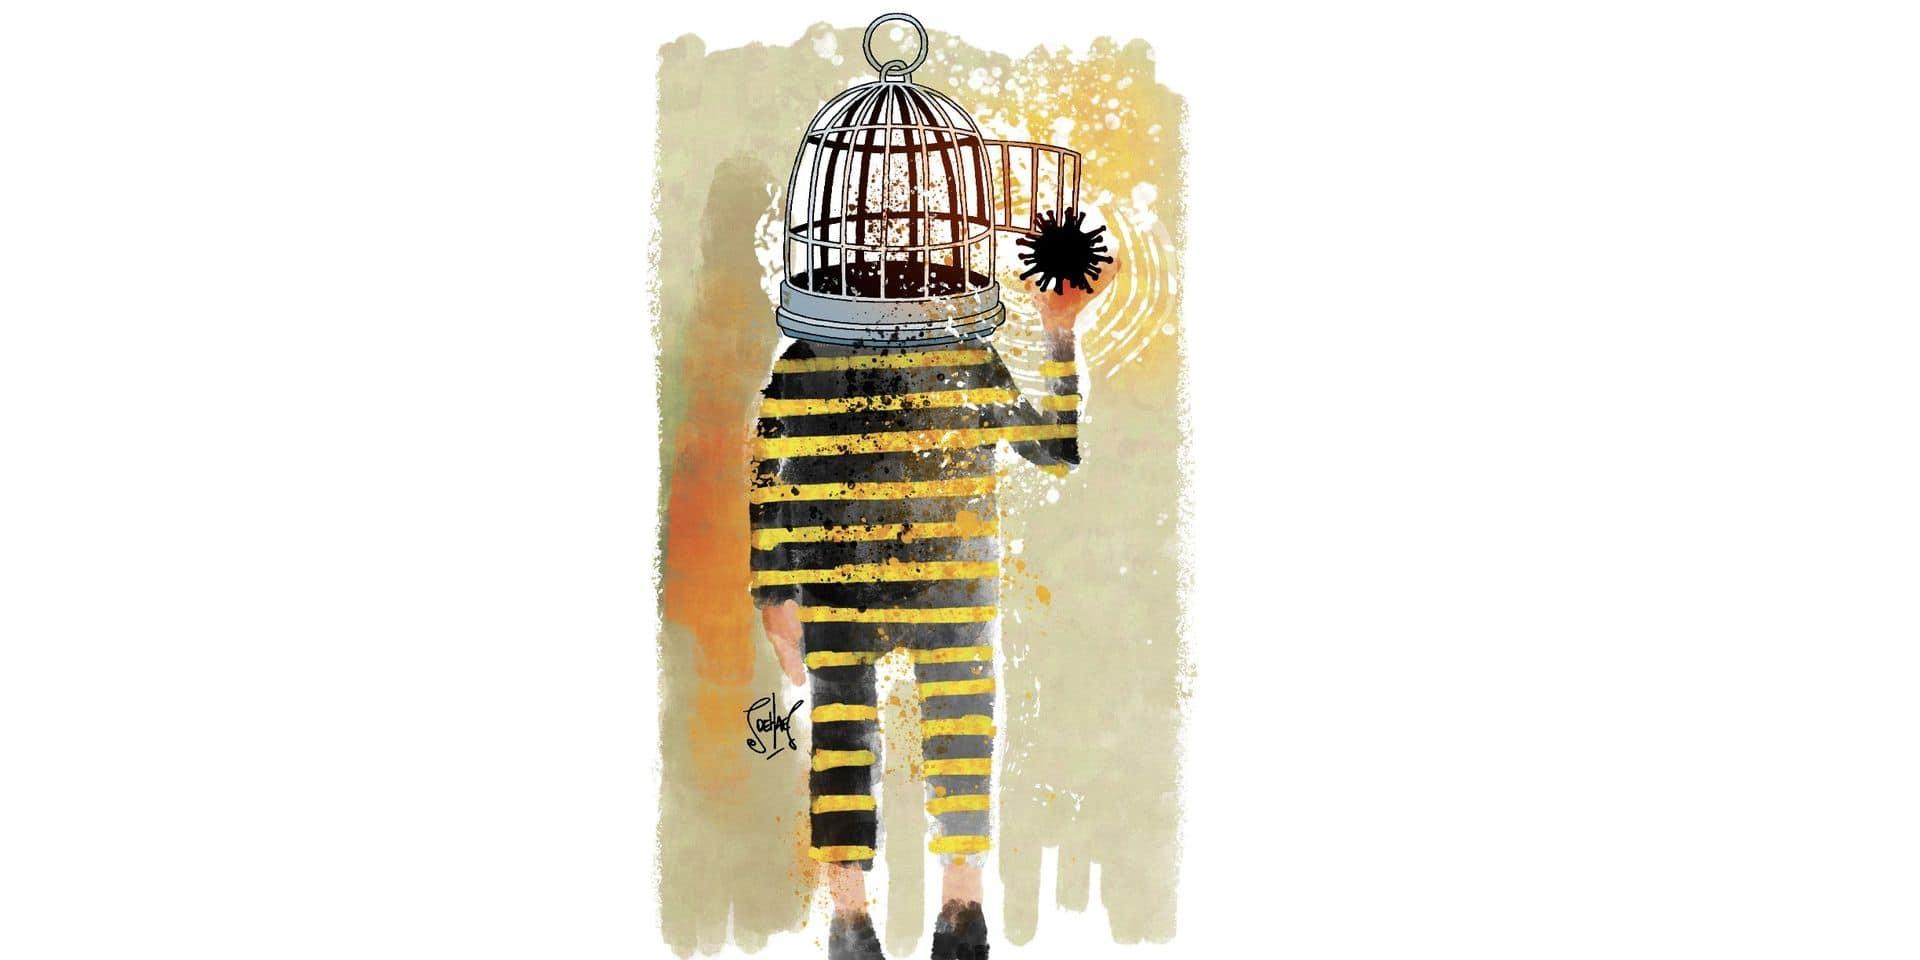 Les détenus et le travail social en prison sont mis à mal dans l'indifférence générale